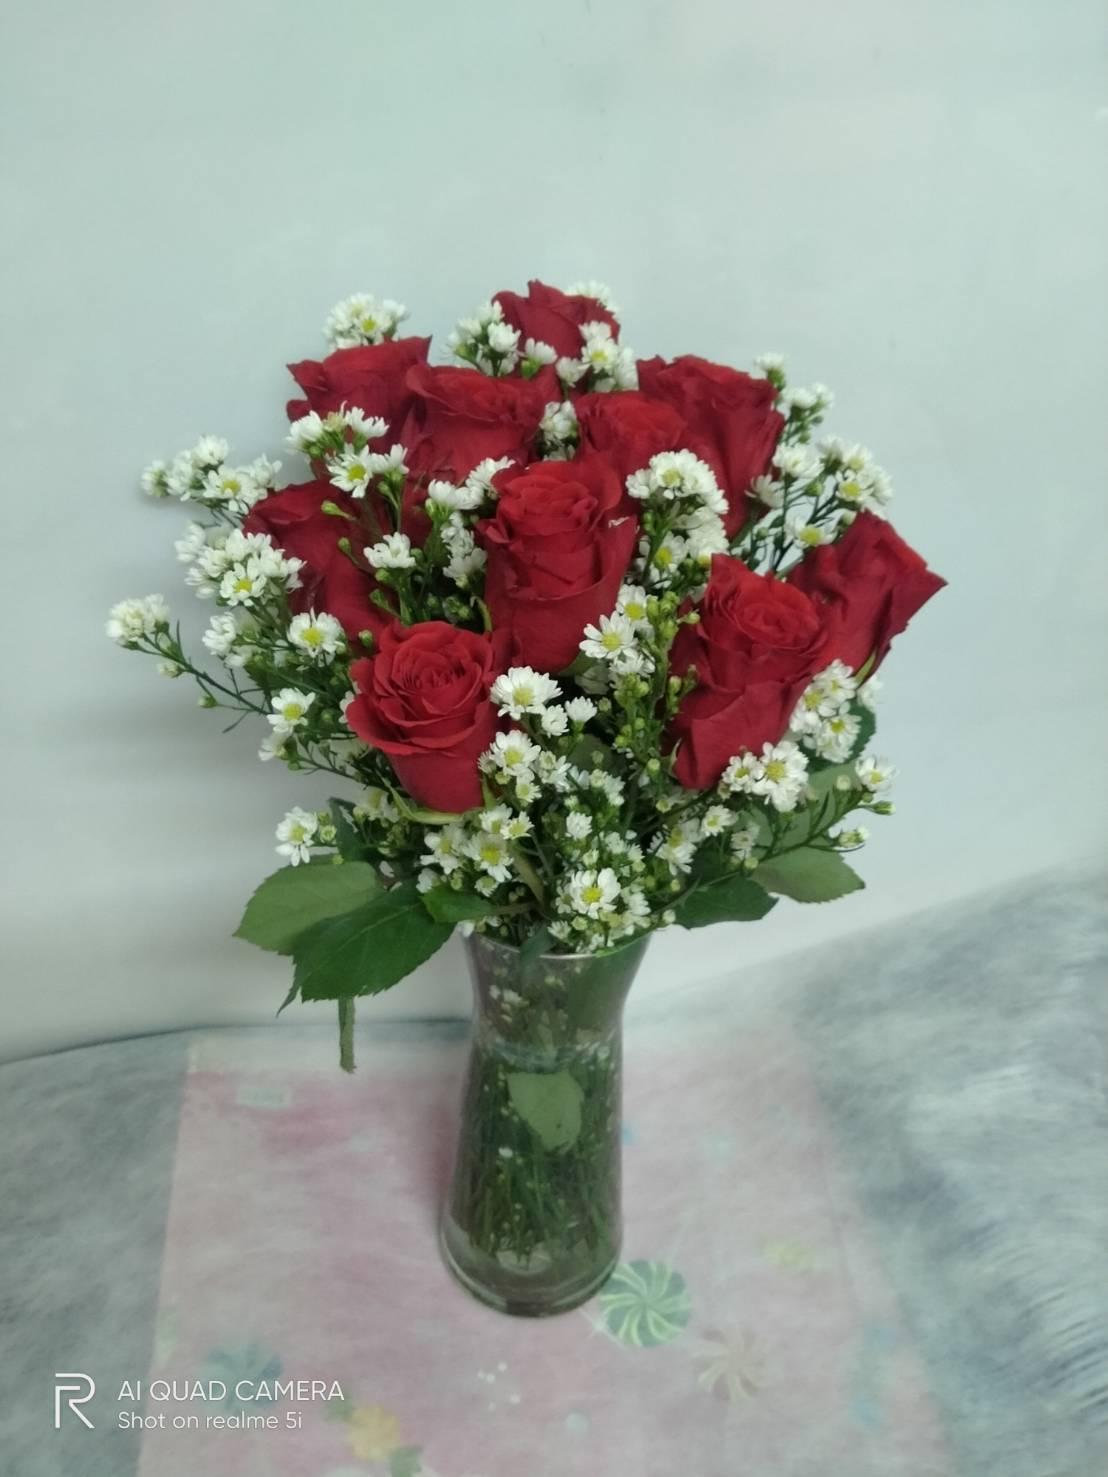 แจกันดอกกุหลาบสีแดง แซมด้วยดอกคัตเตอร์ ดีไซน์เรียบเก๋ สวยมีเสน่ห์ไม่เหมือนใคร